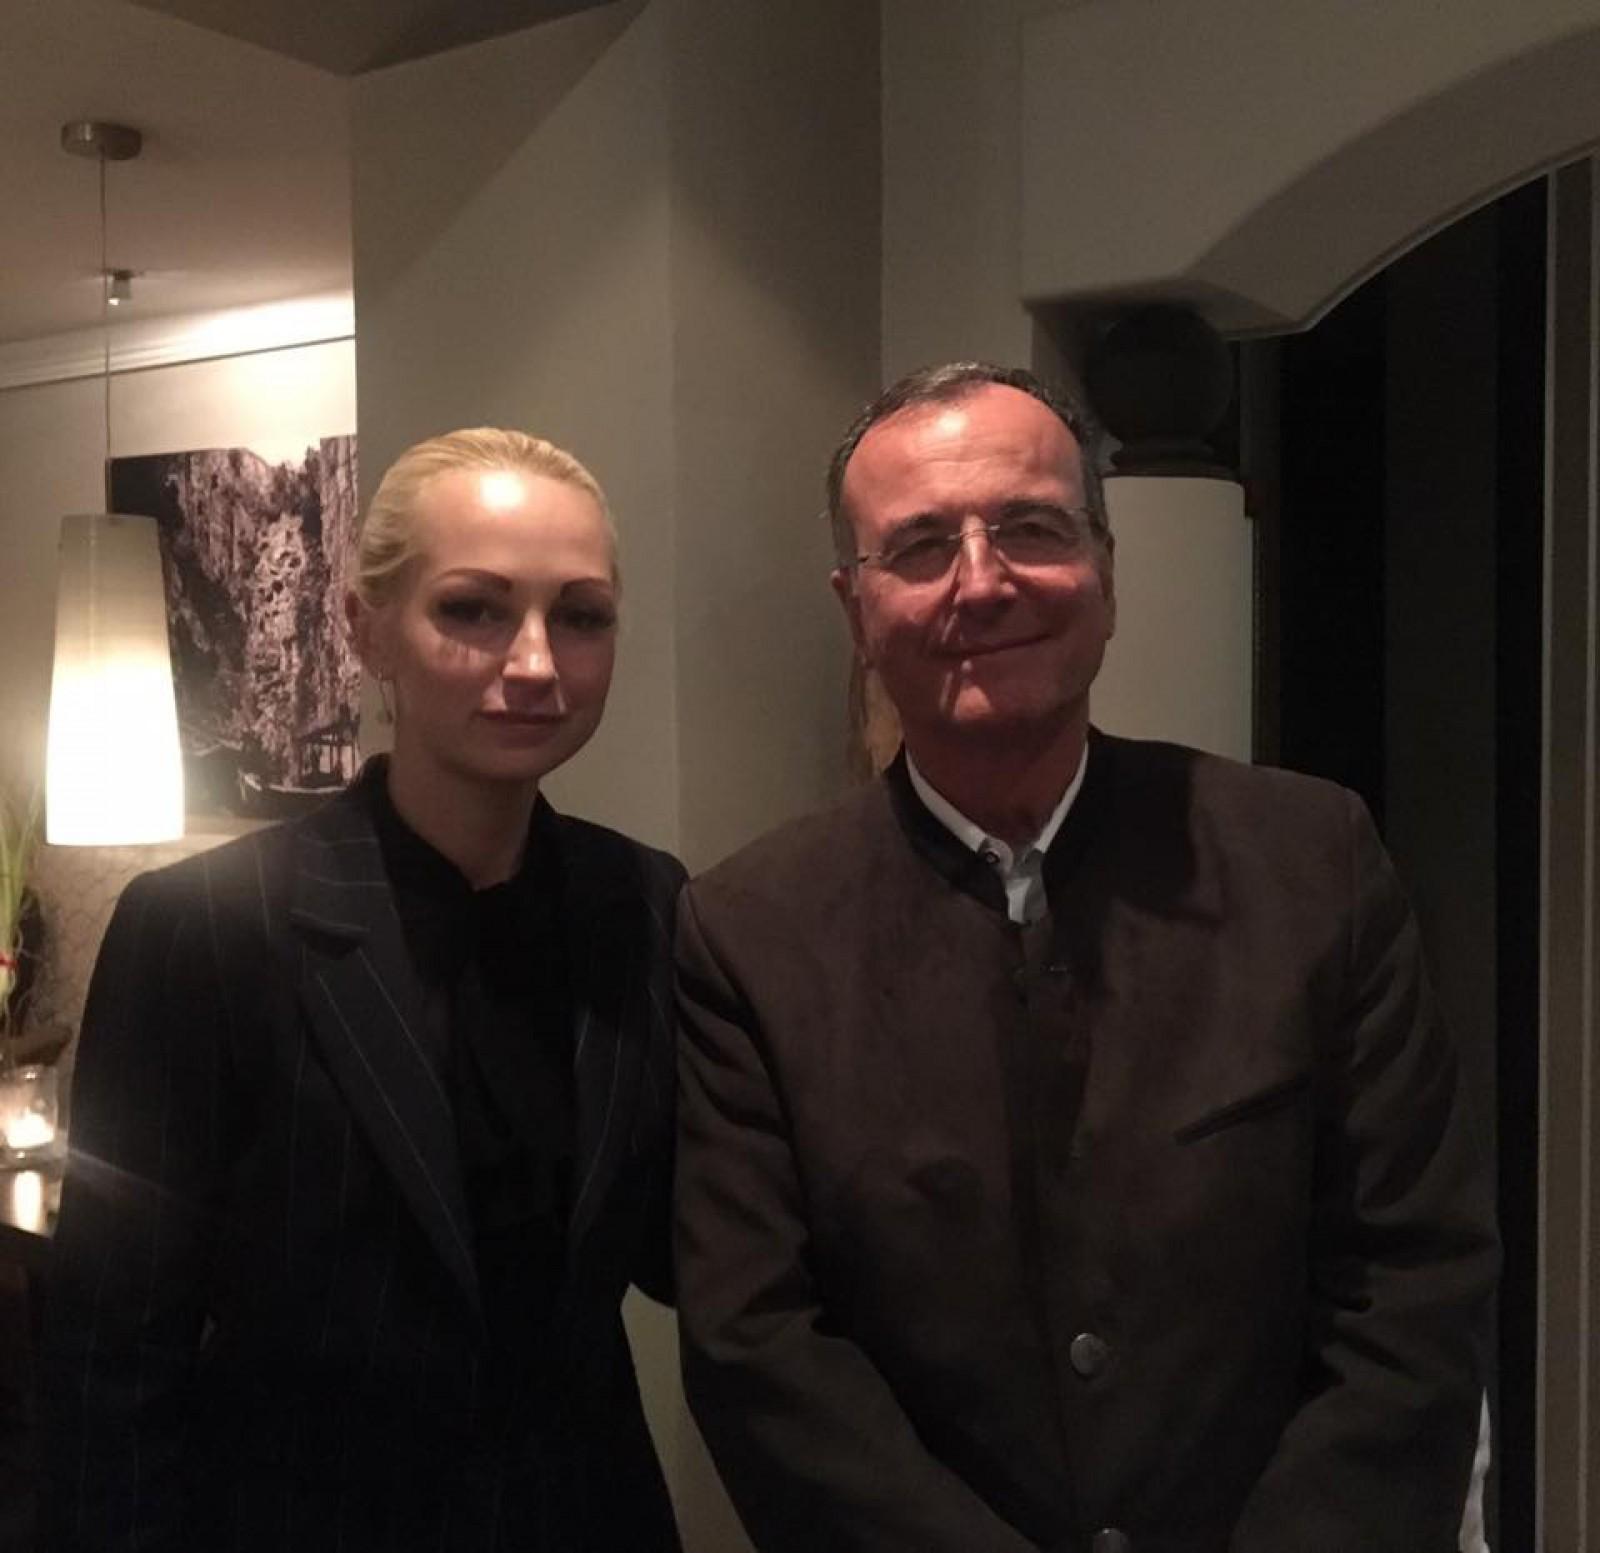 Marina Tauber l-a informat pe Franco Frattini despre tentativele de a impiedica activitatea politică a lui Ilan ȘOR